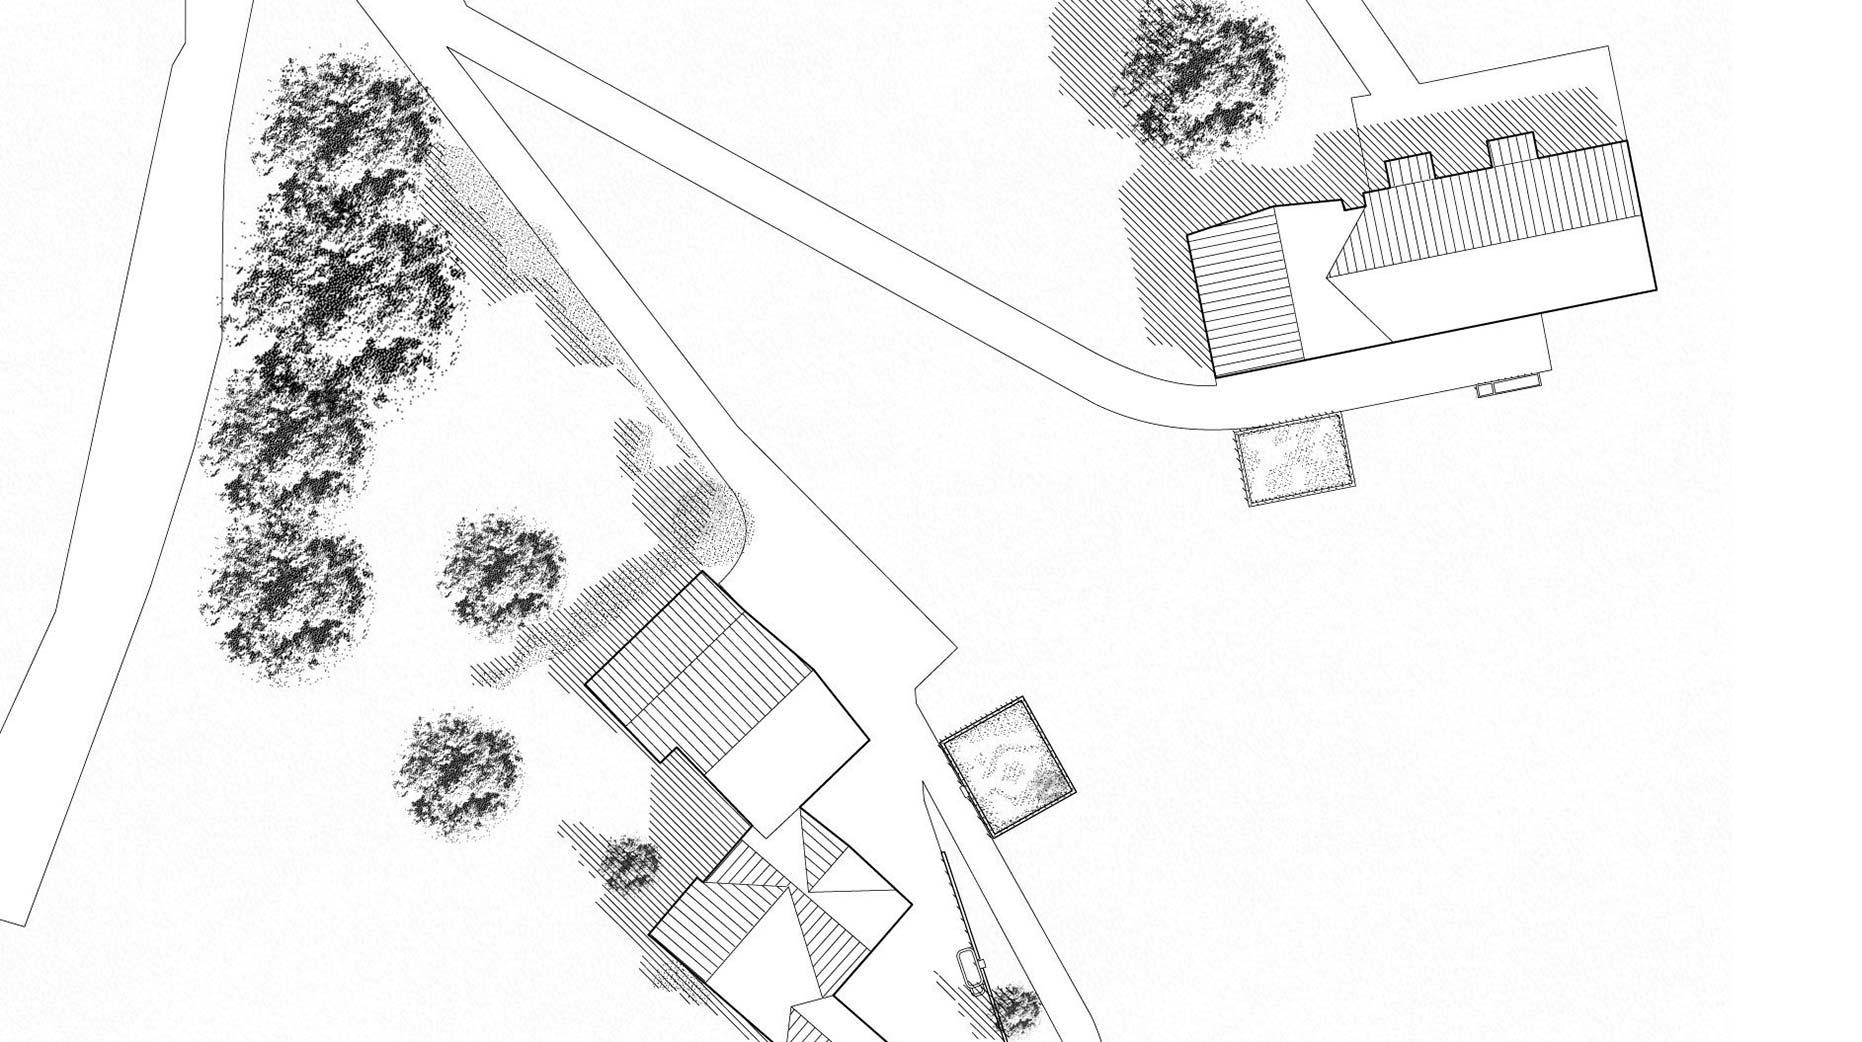 Kollektiv-Nordost-Garten-Wege-Buch-04